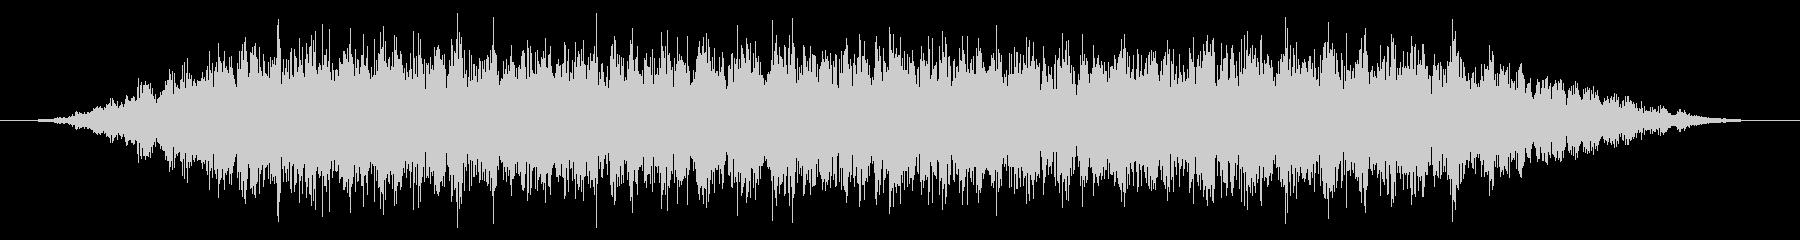 カエル/中距離/合唱(10秒Ver.)の未再生の波形